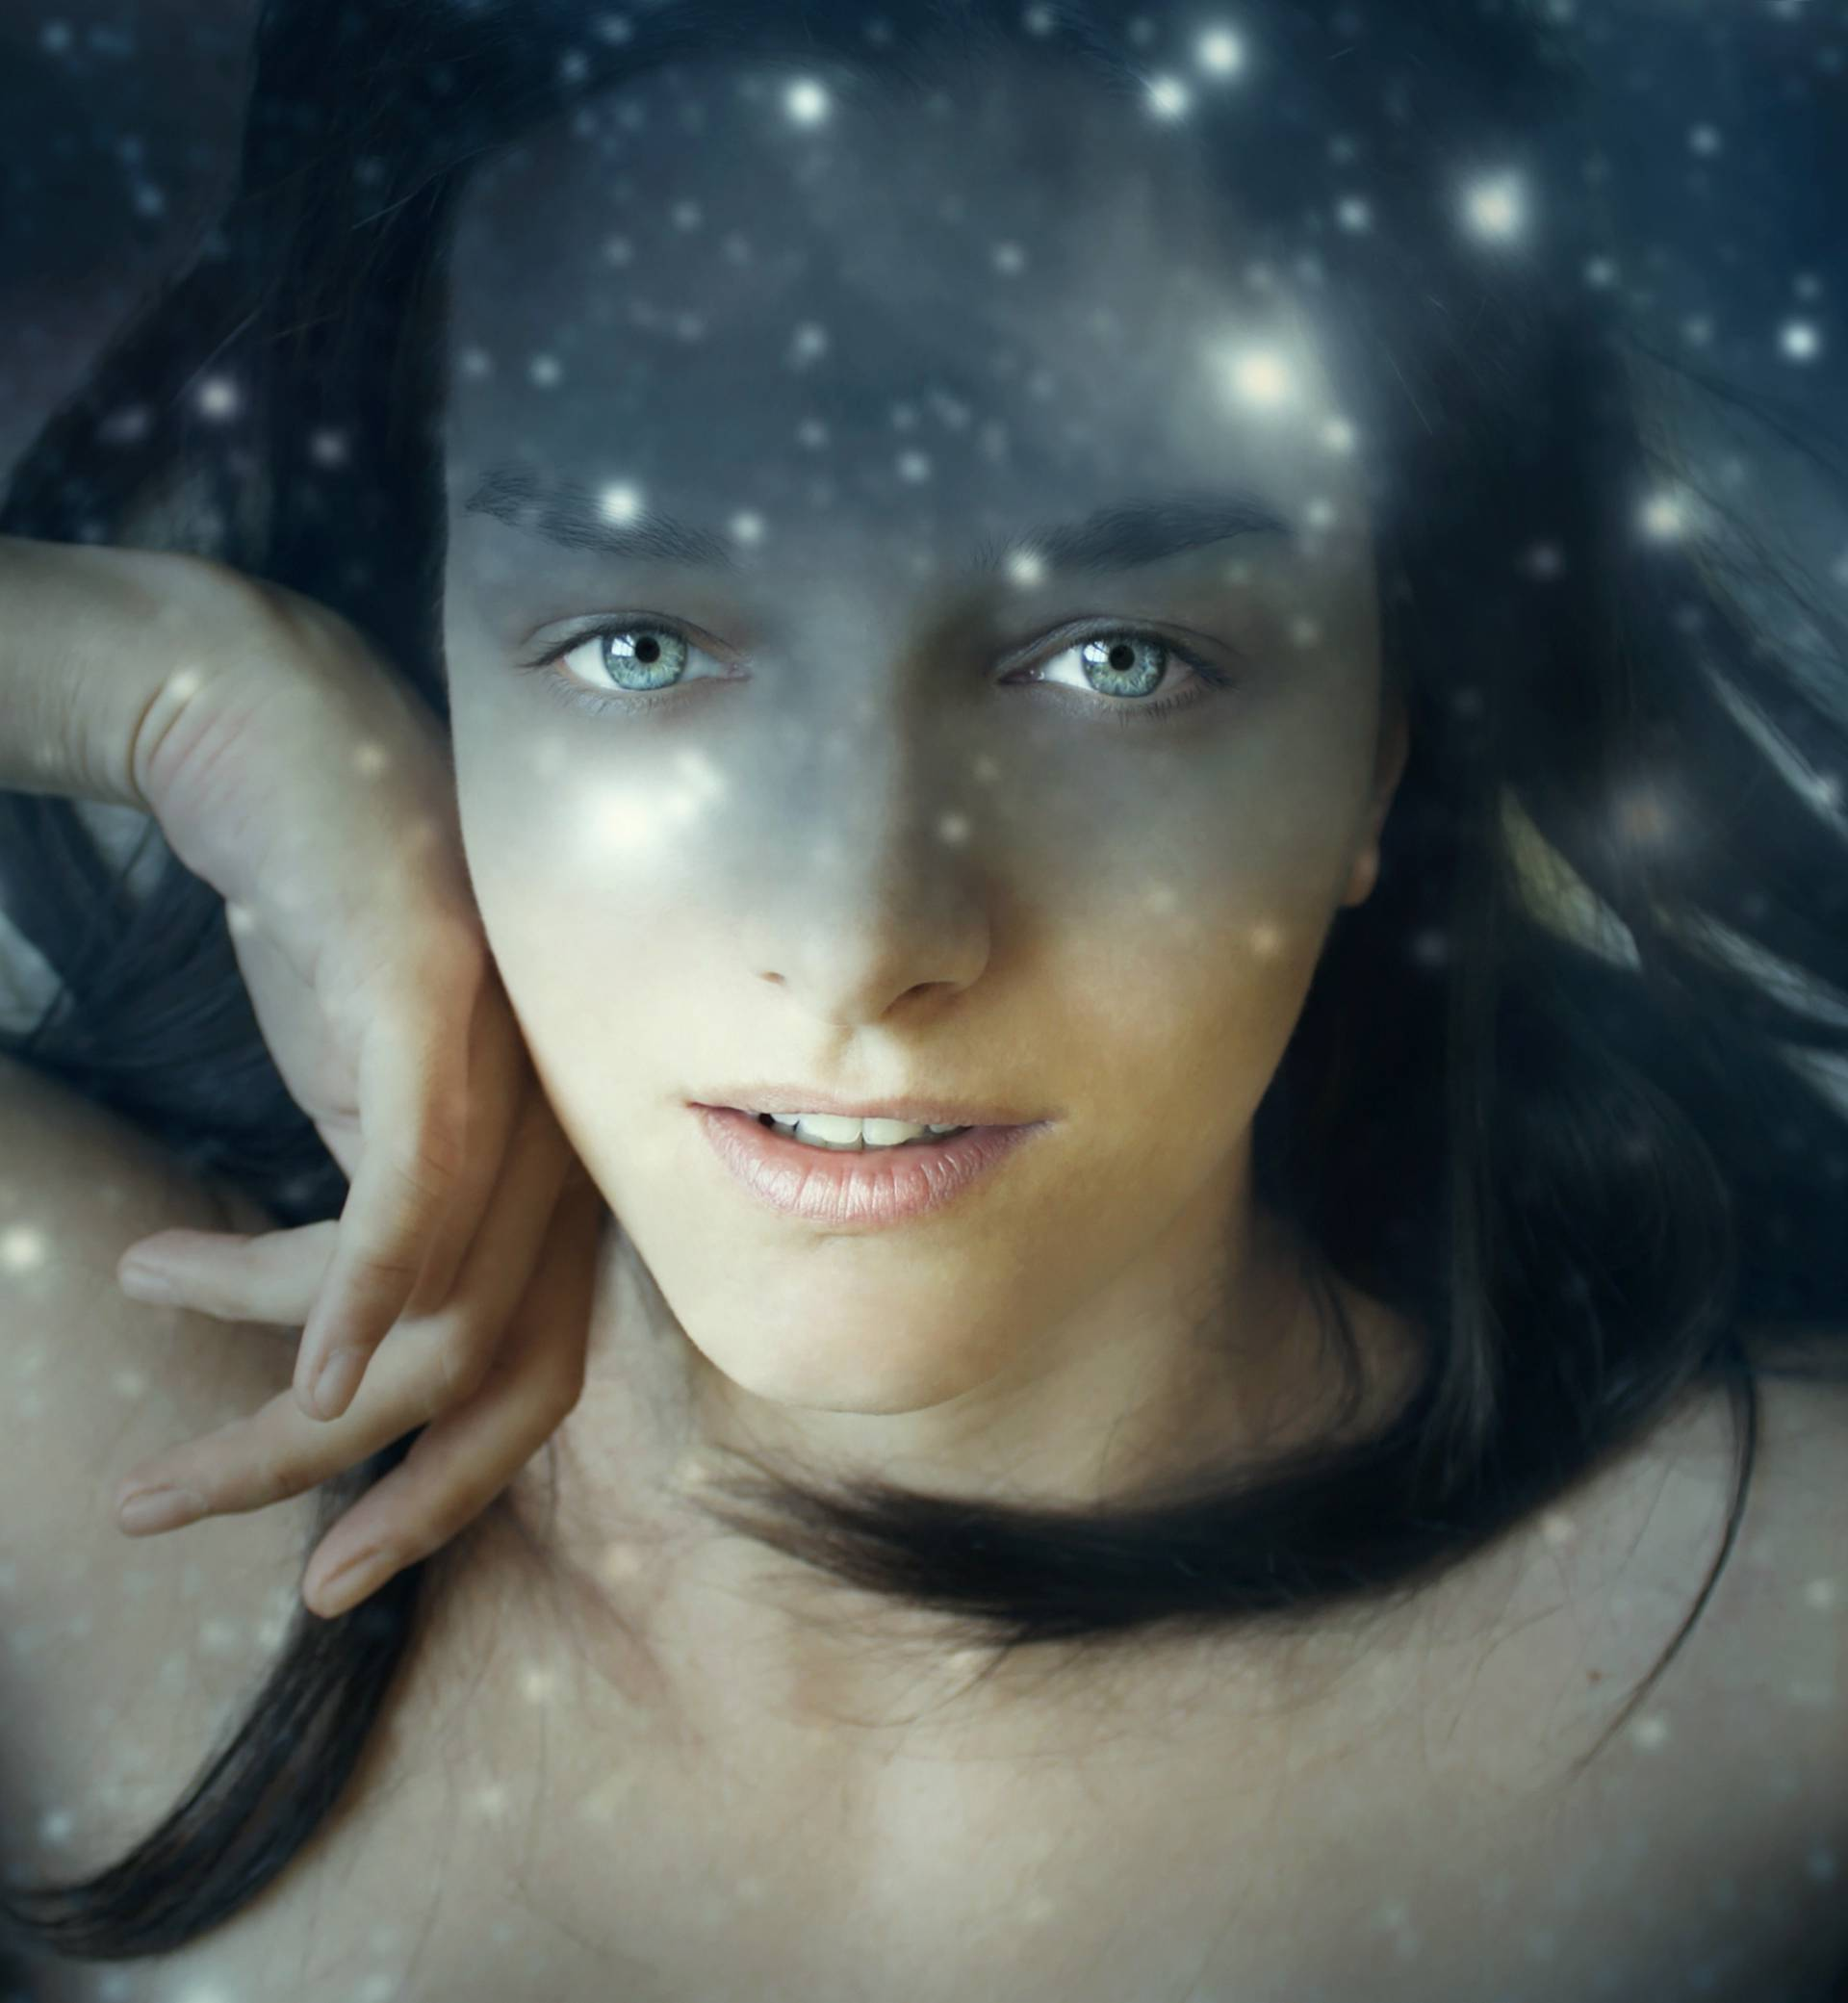 Psiholog dekodirao: Što to vaši seksualni snovi zapravo znače?